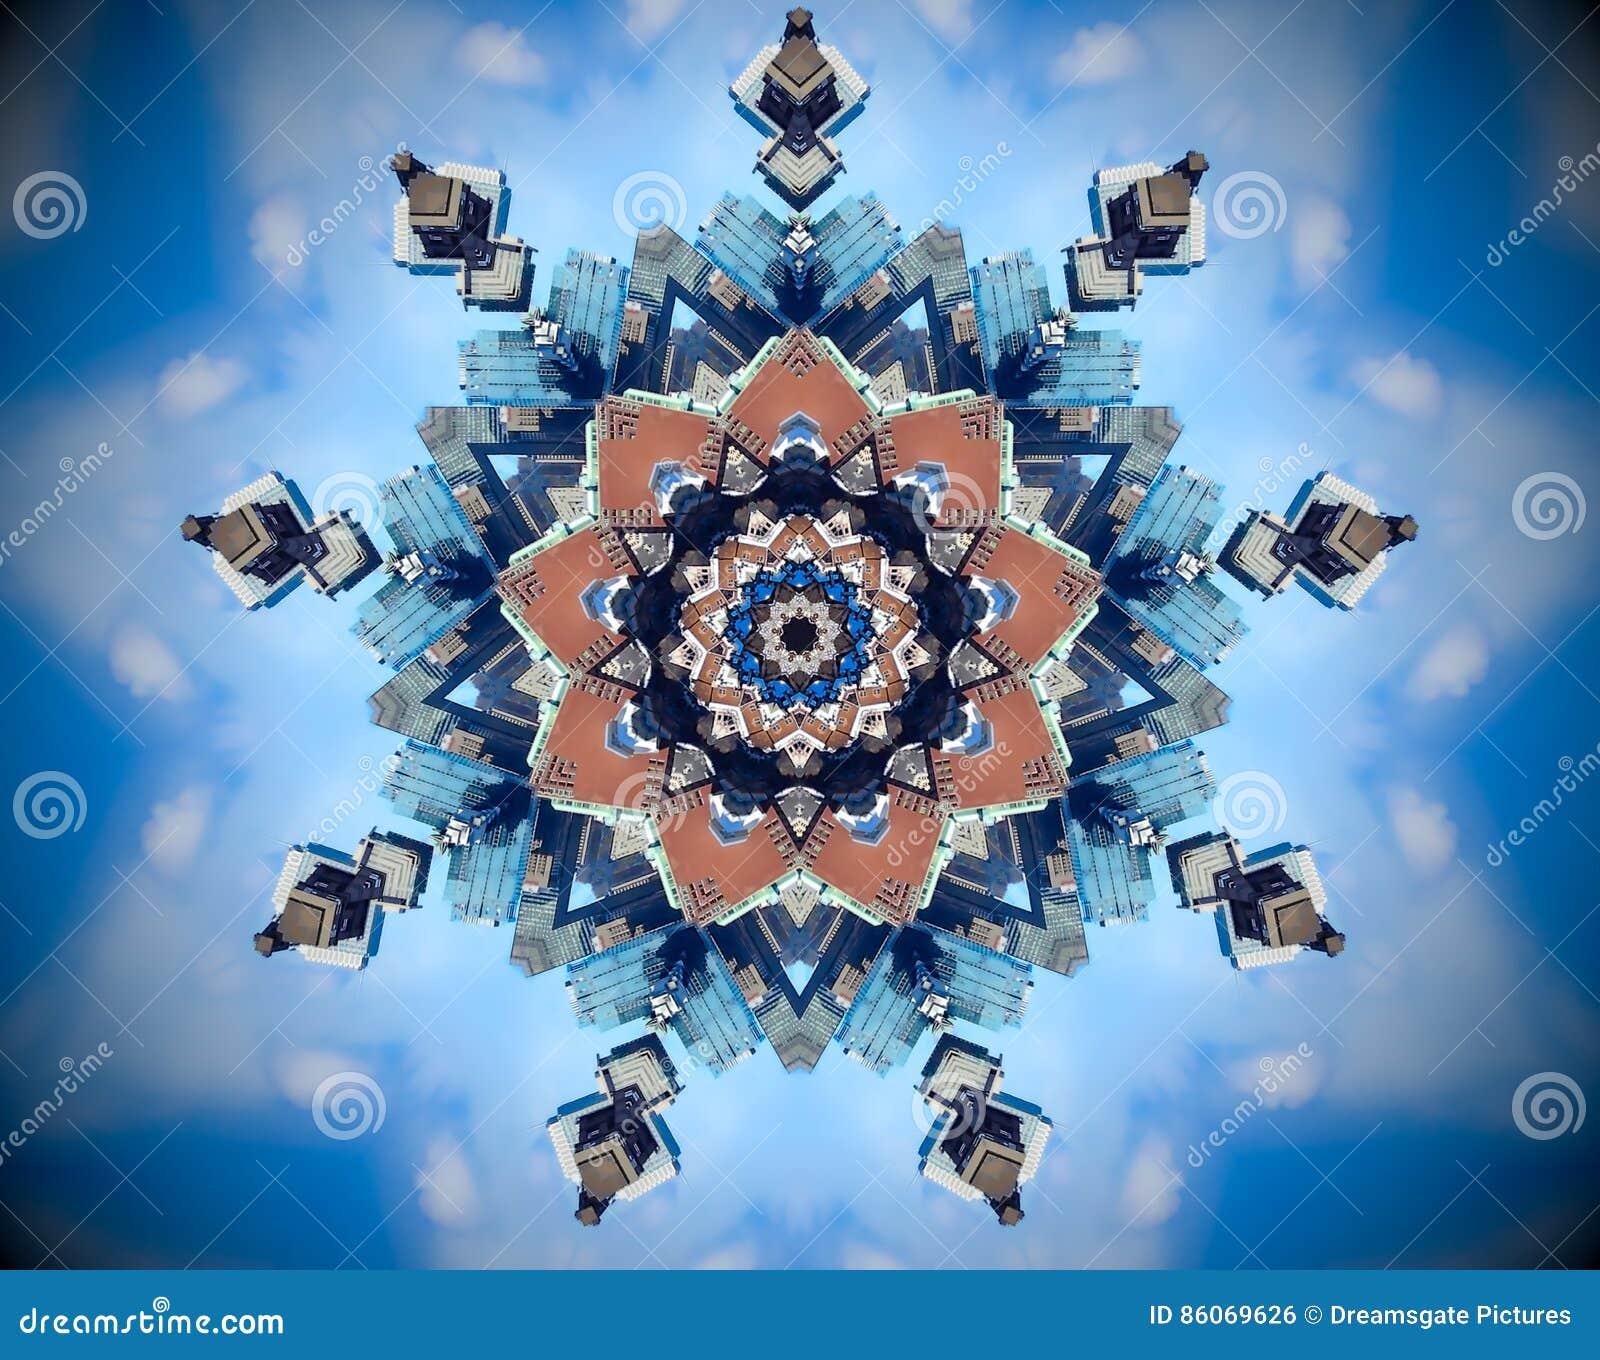 Mandala abstracta del espejo de la ciudad